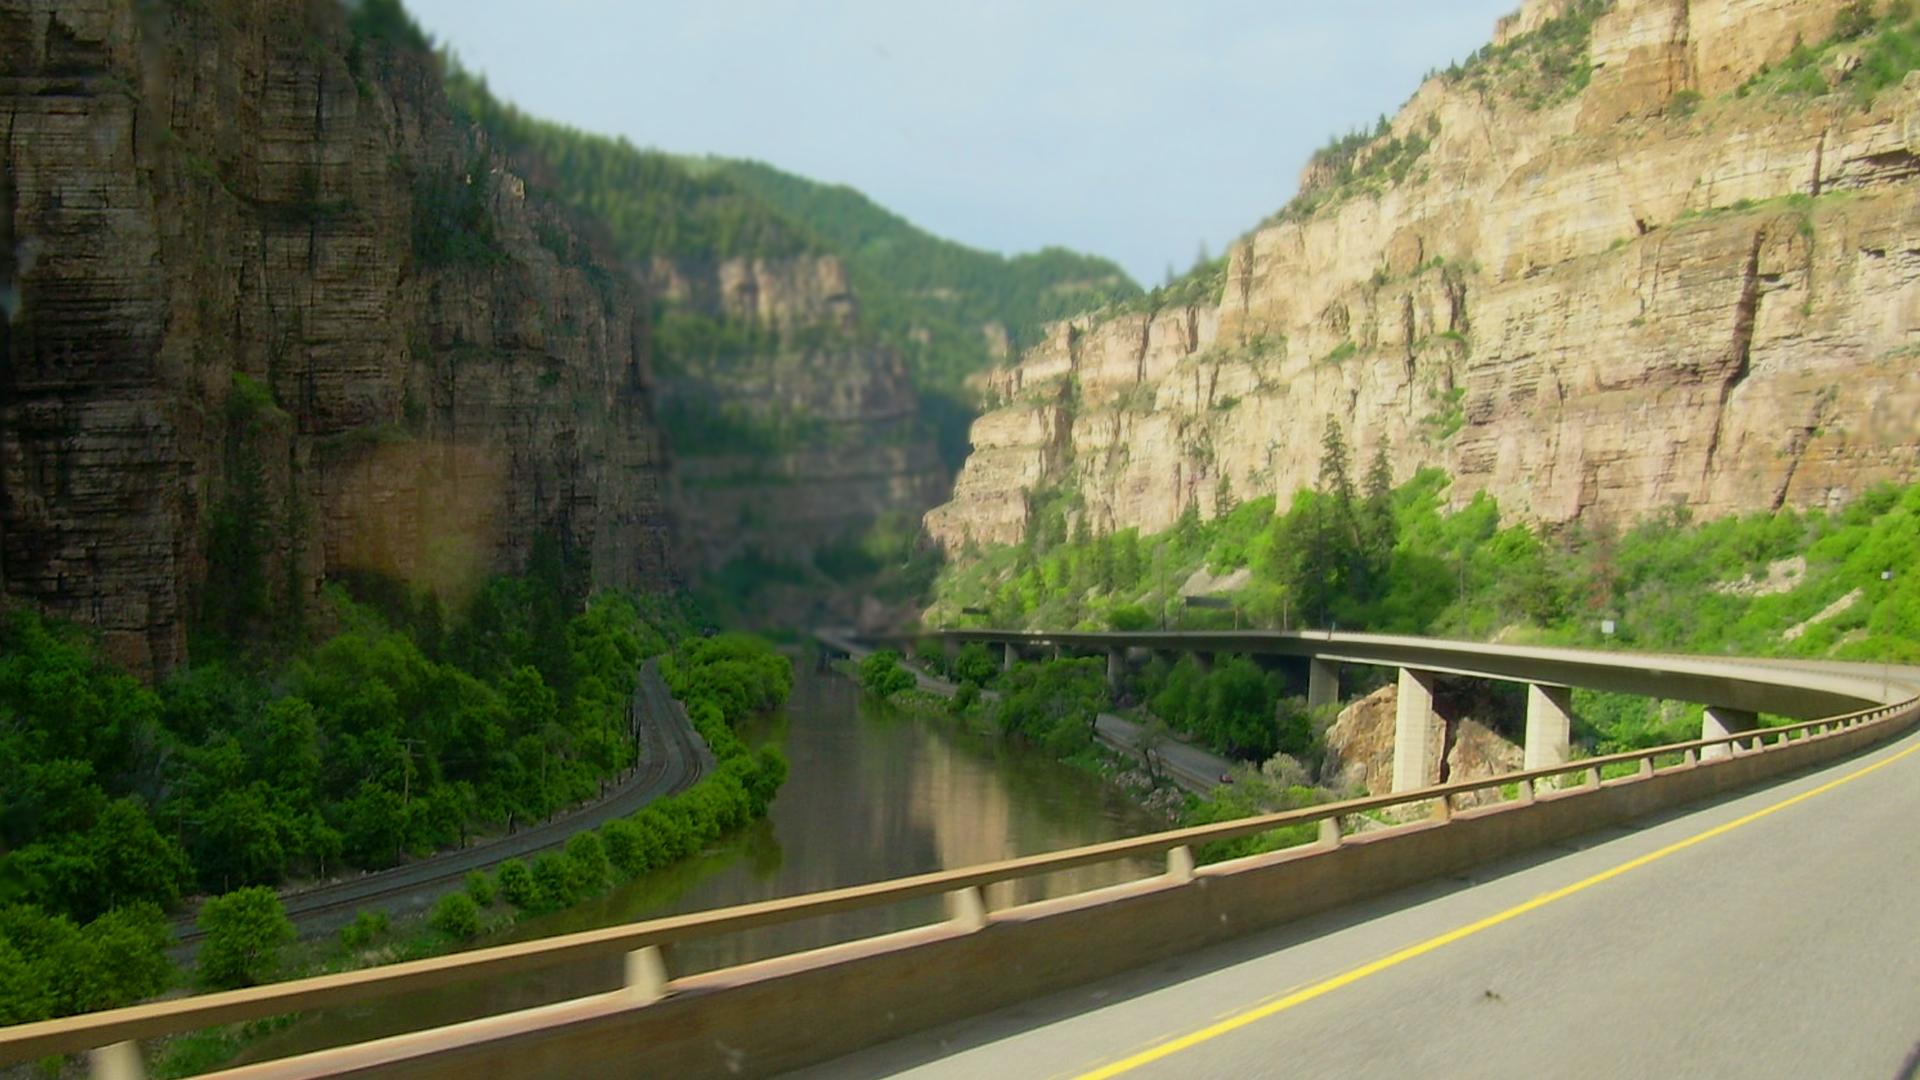 I-70 at Glenwood Canyon